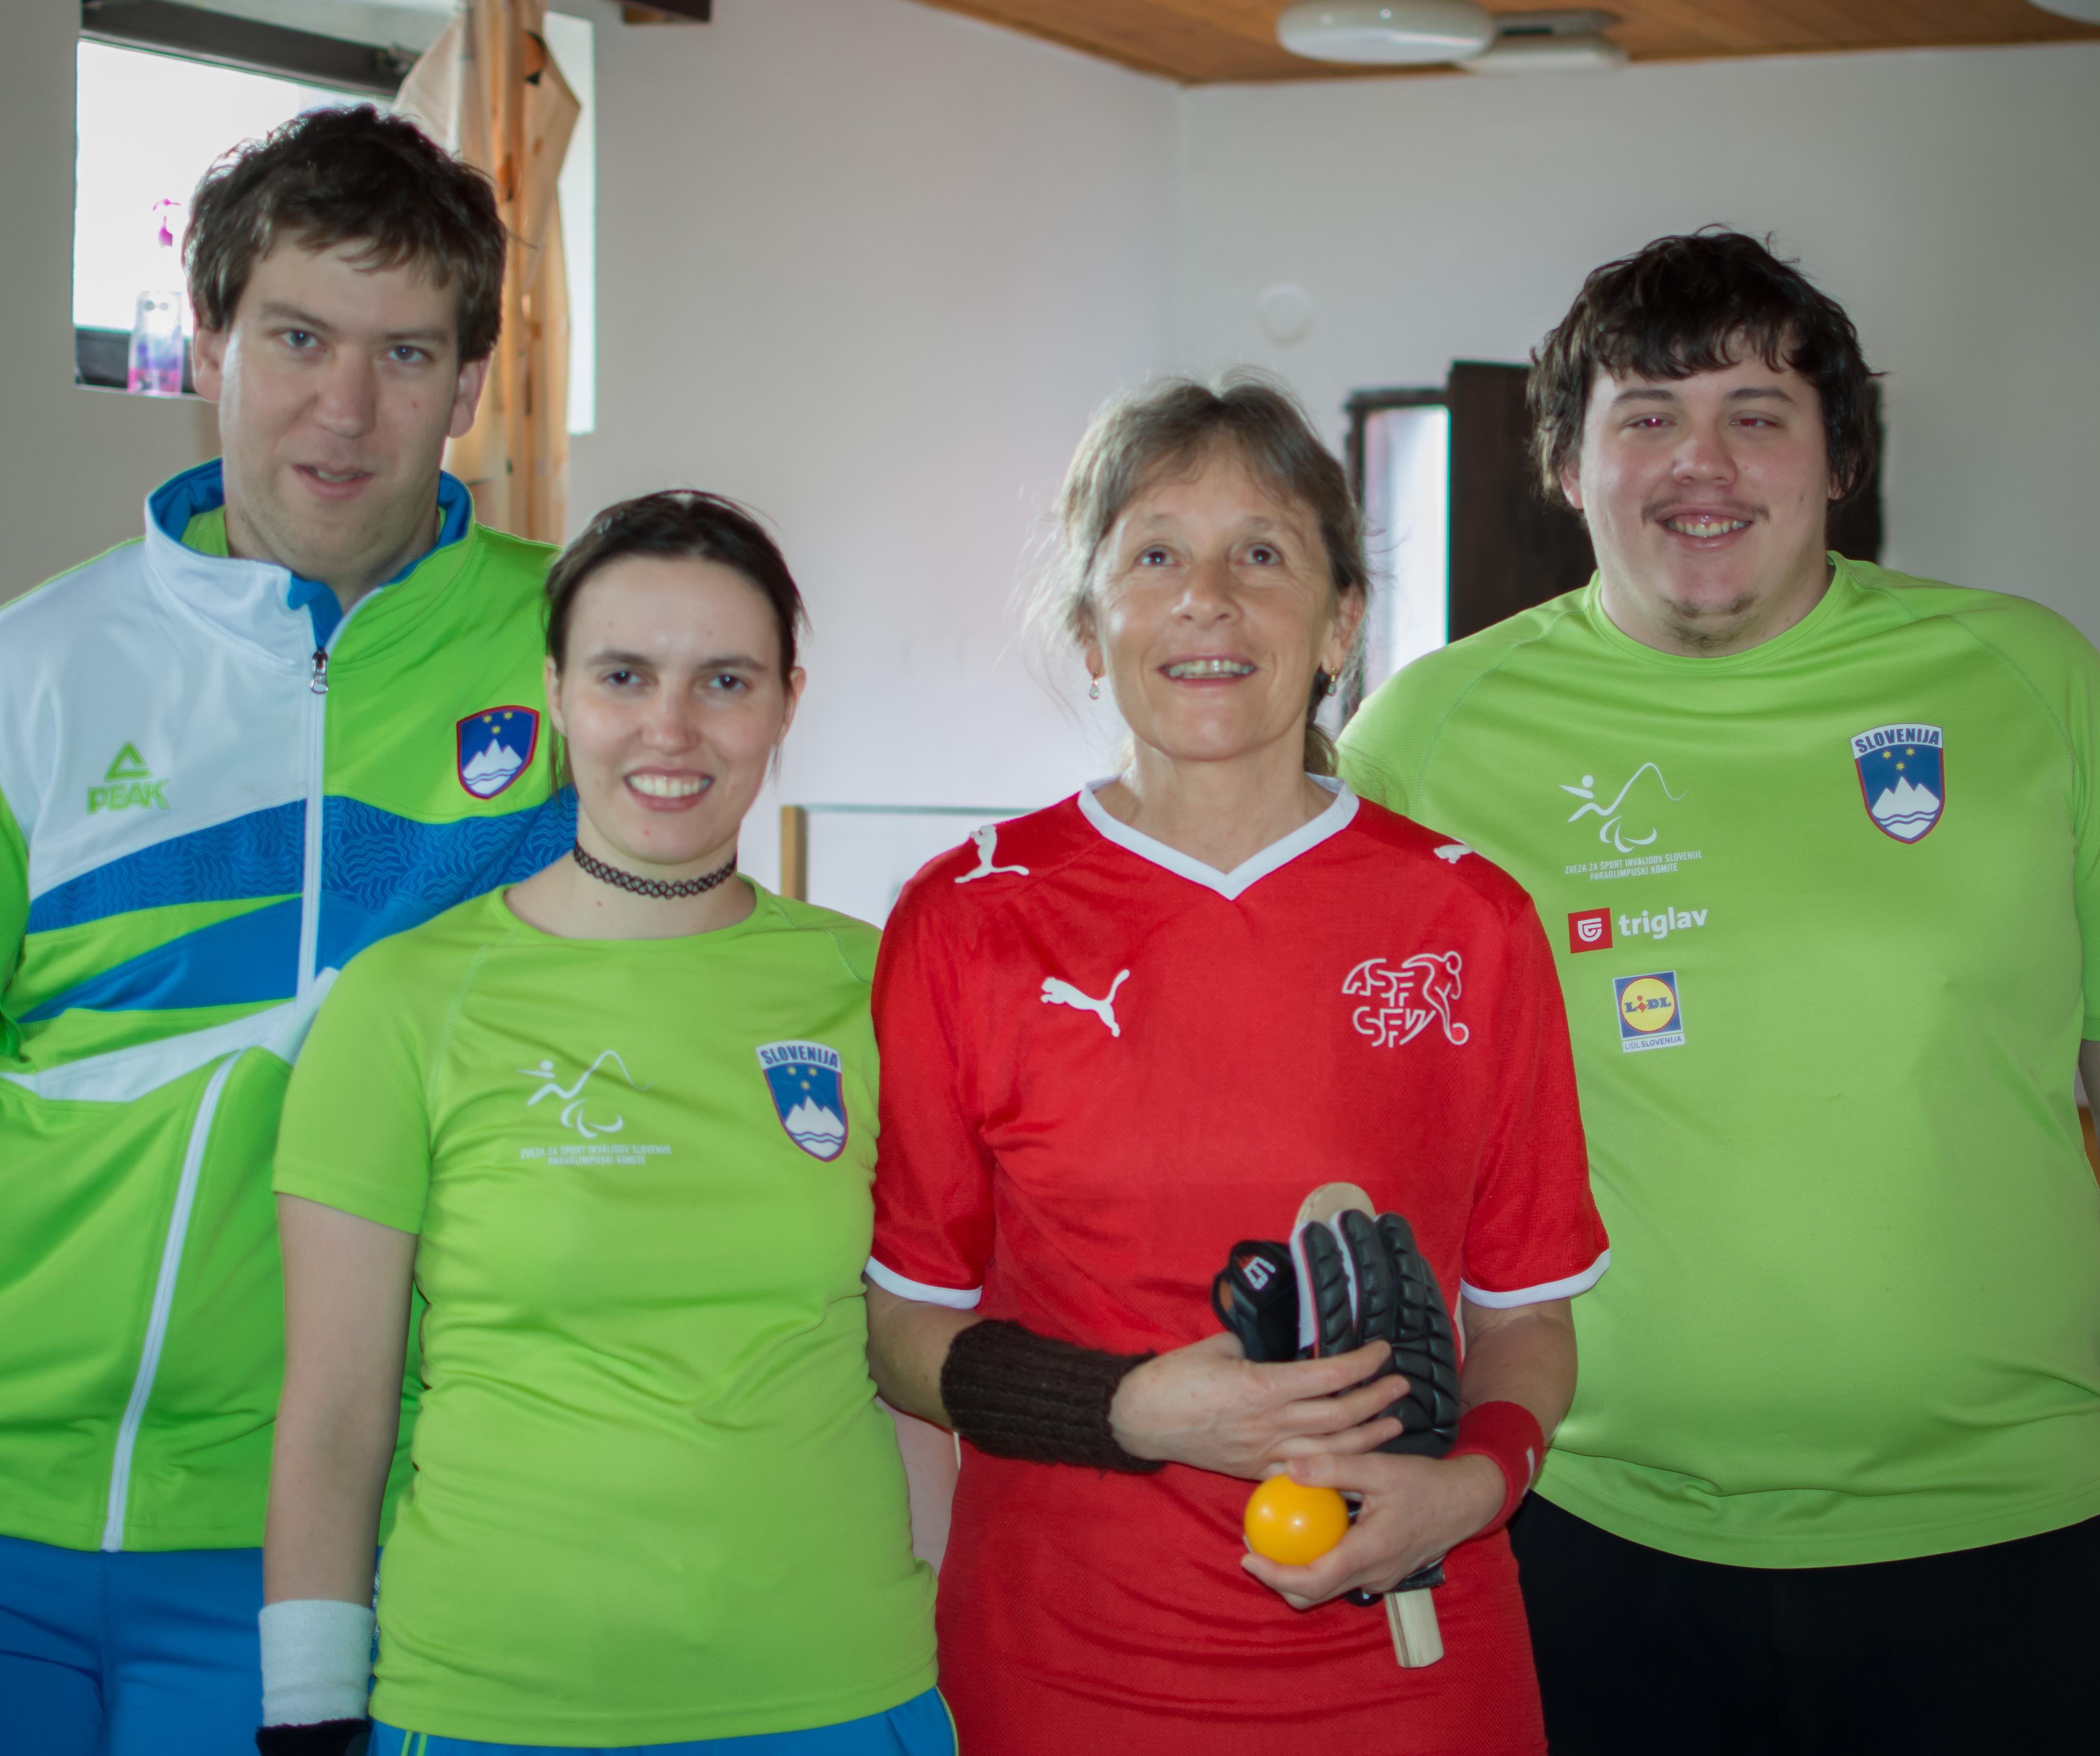 Rita mit slowenischem Team